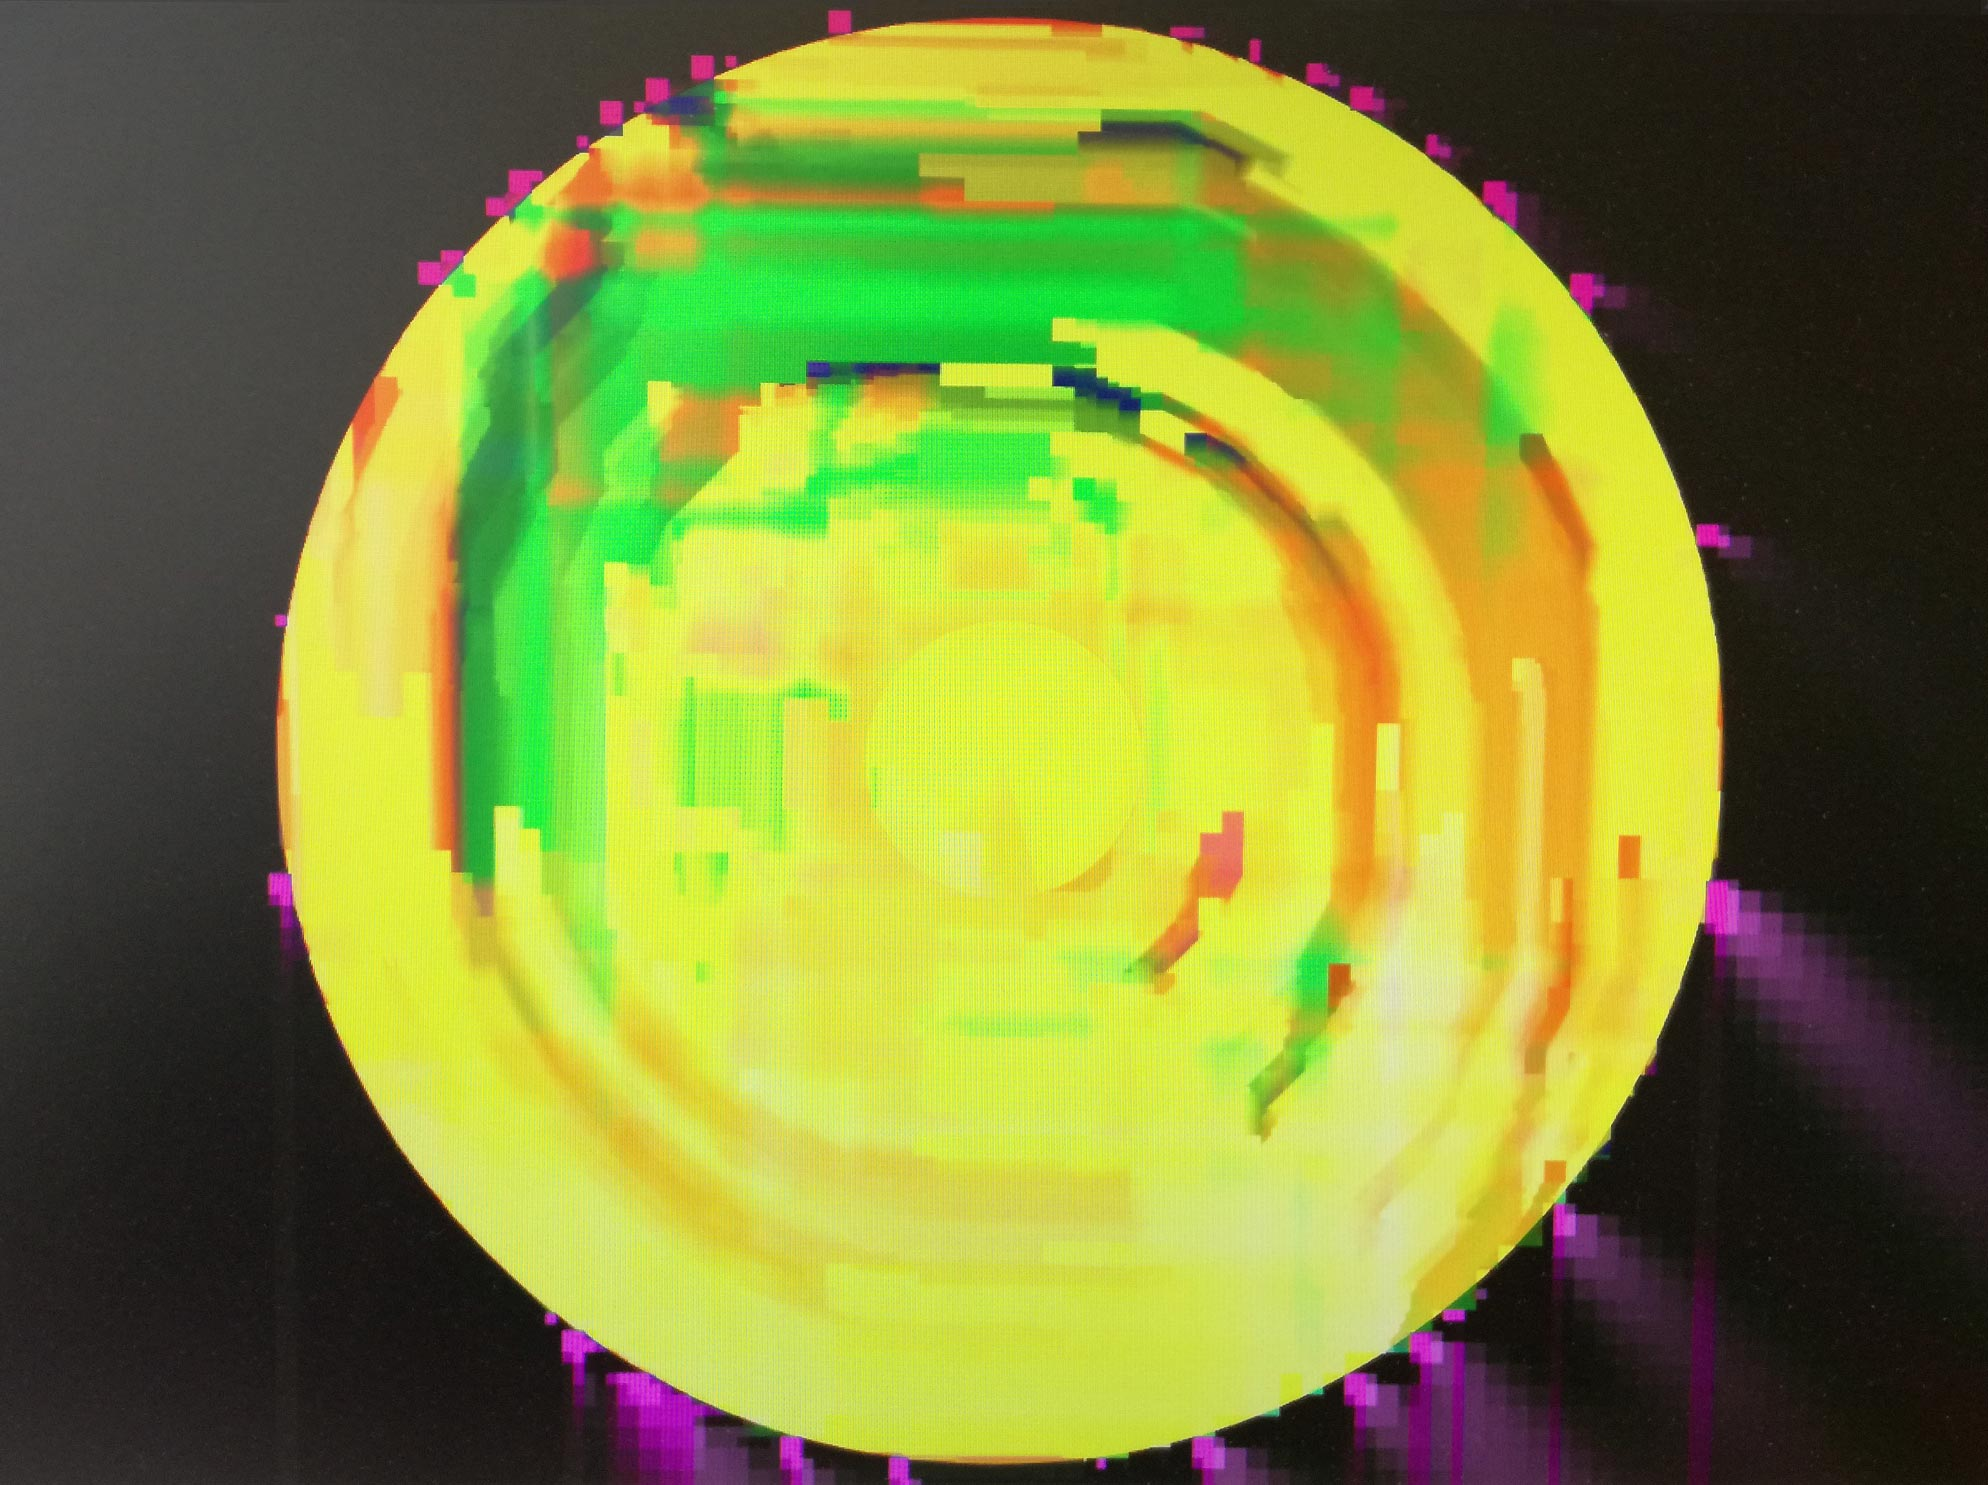 glitch narra jaune-vert